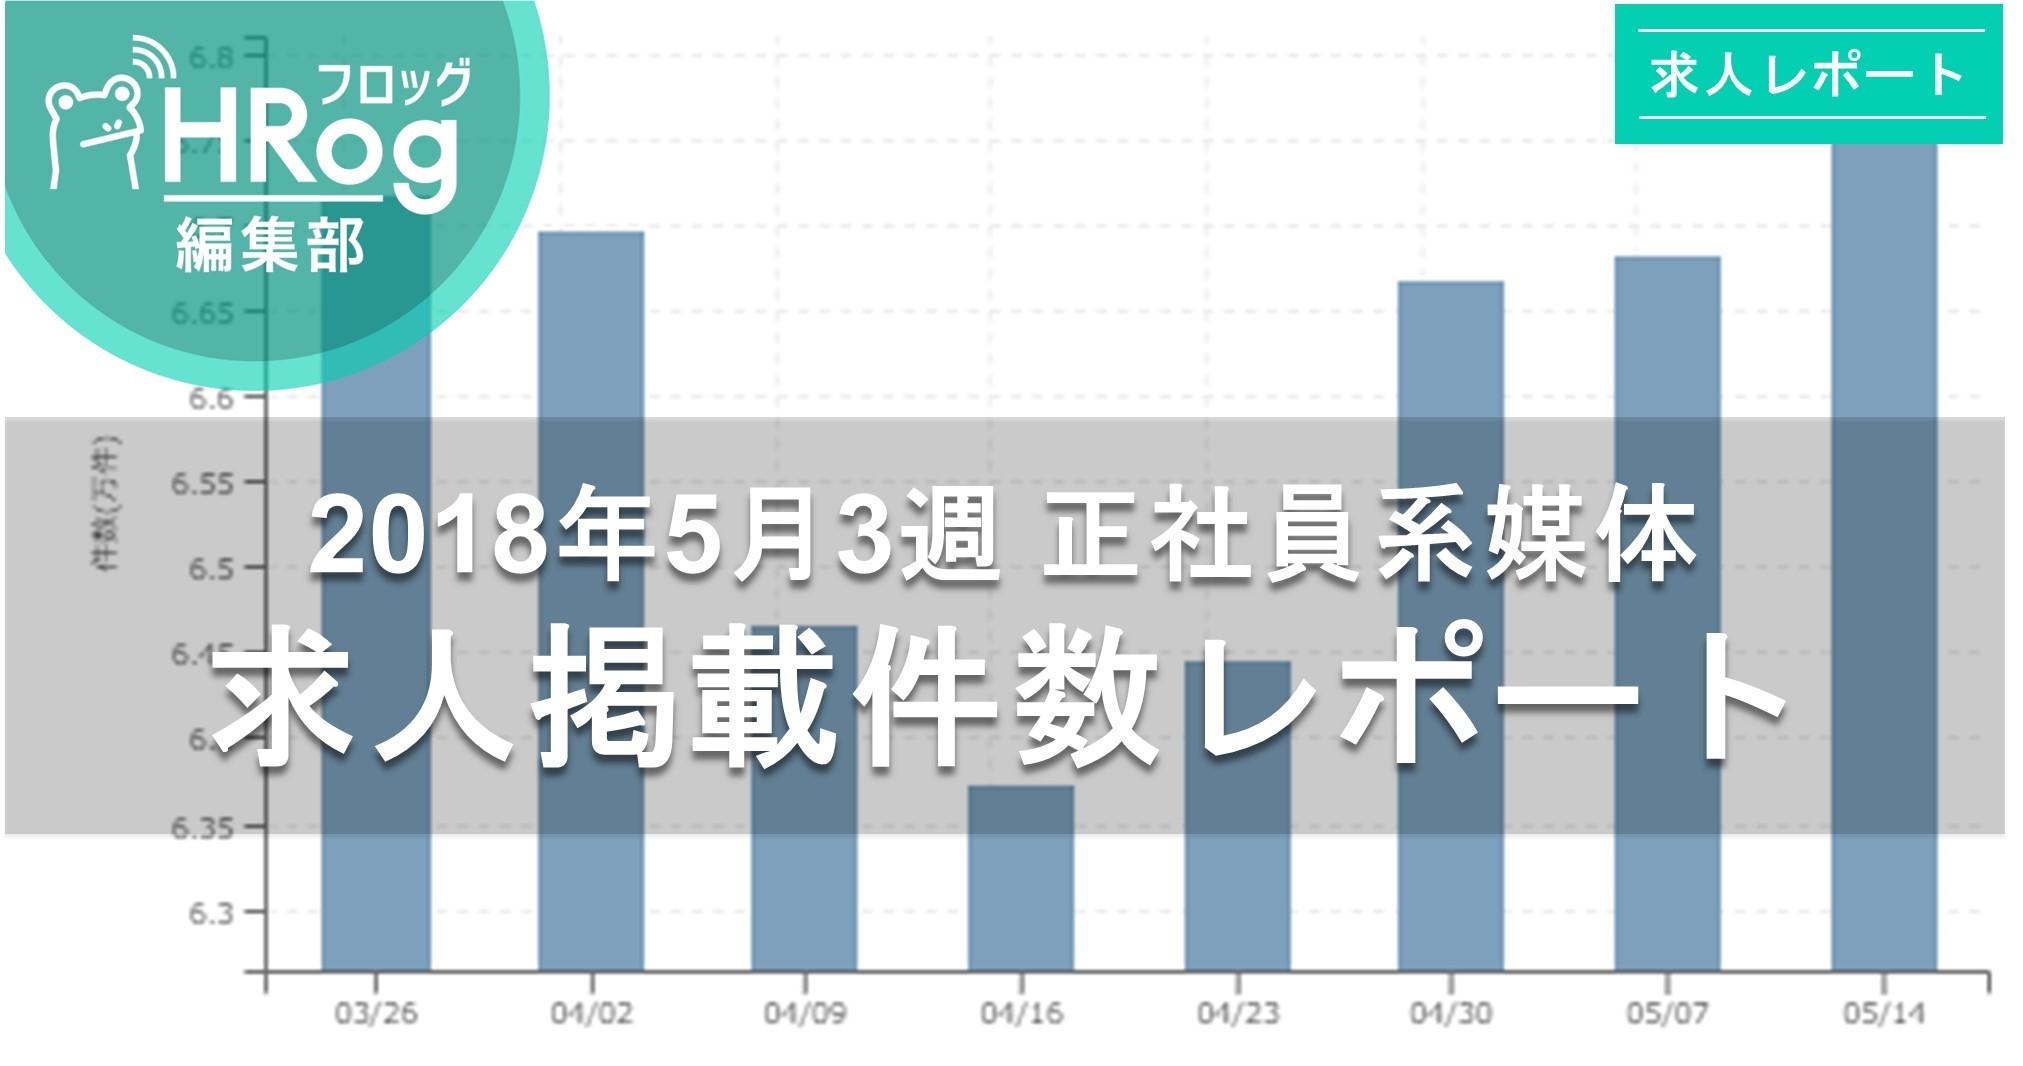 【2018年5月3週 正社員系媒体 求人掲載件数レポート】V字回復!4週連続増加で67,000件台まで回復!